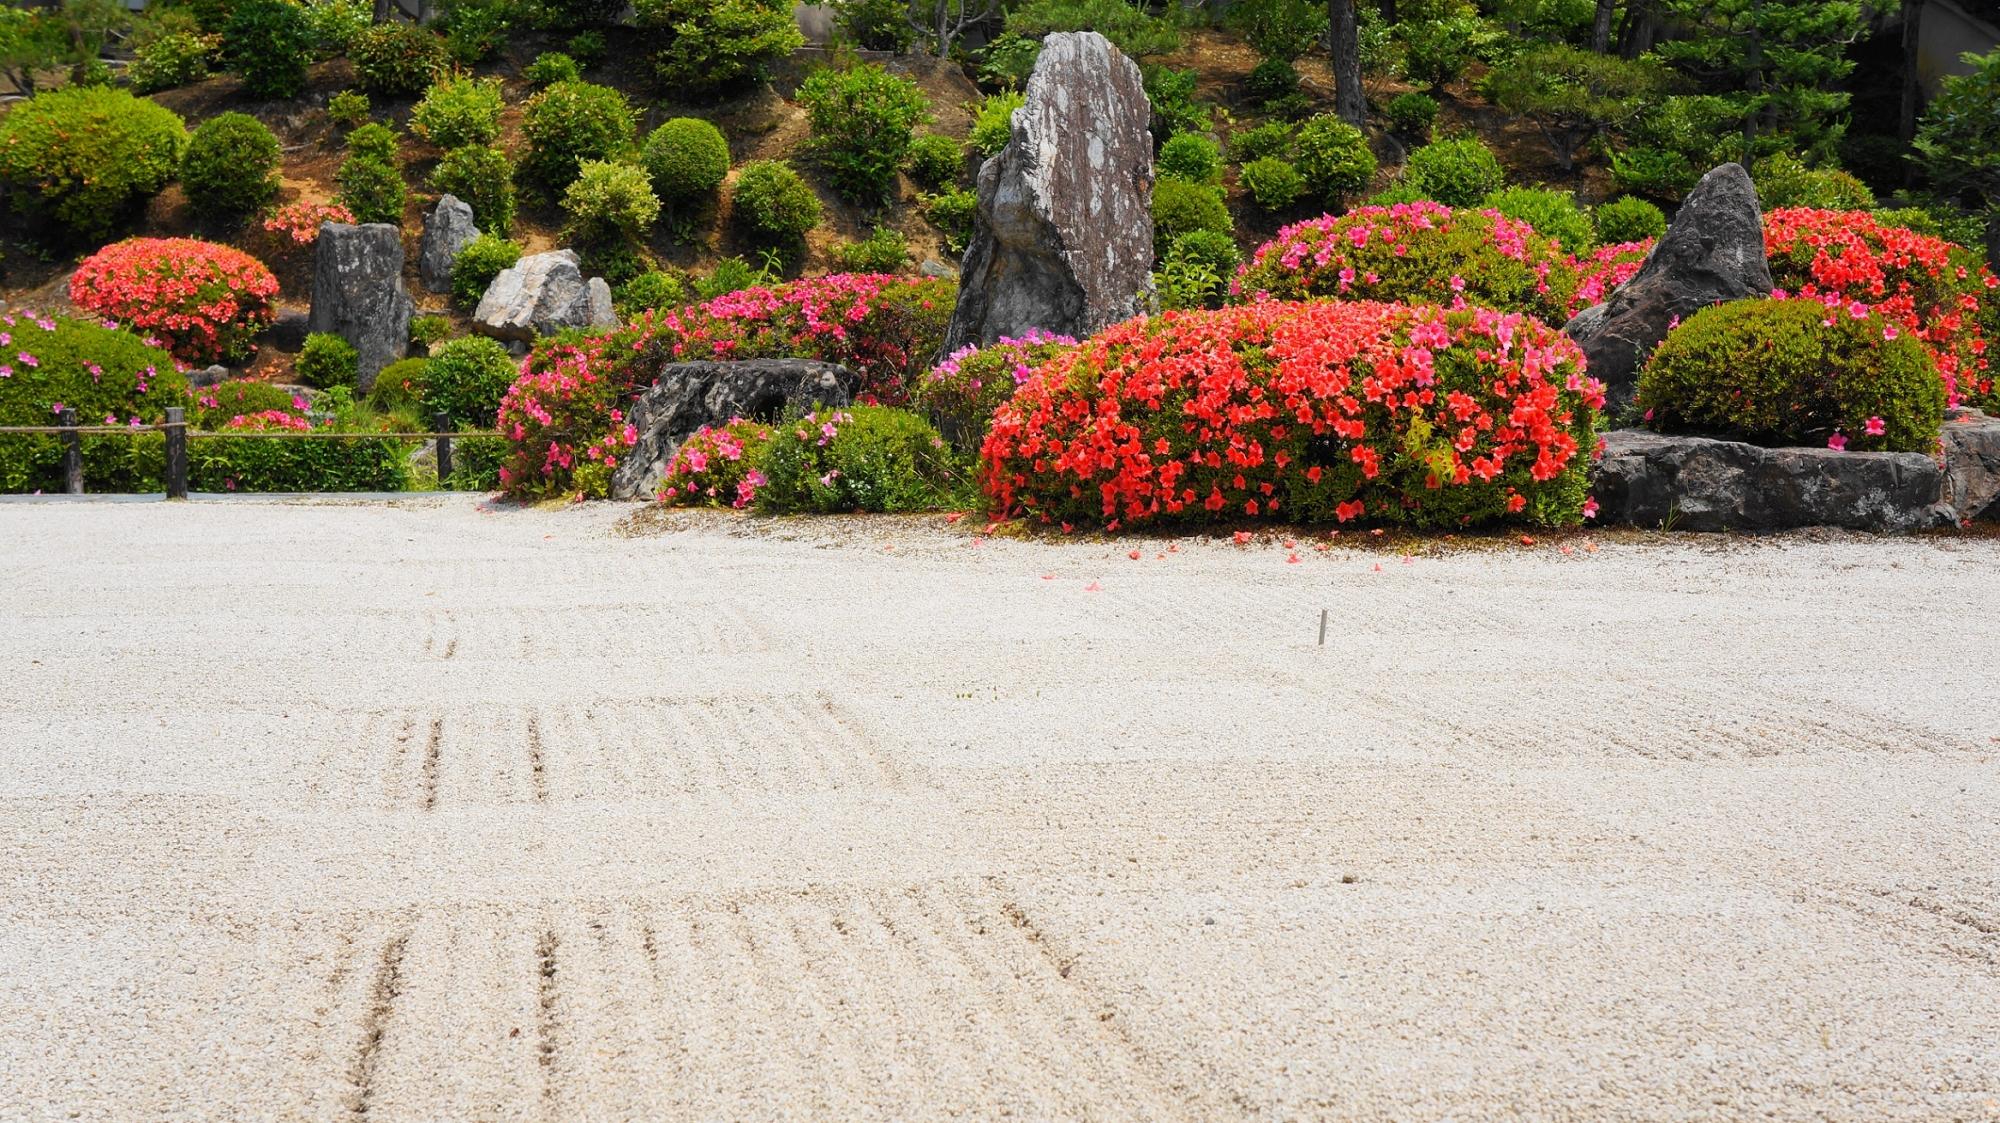 煌くサツキを演出する砂の文様